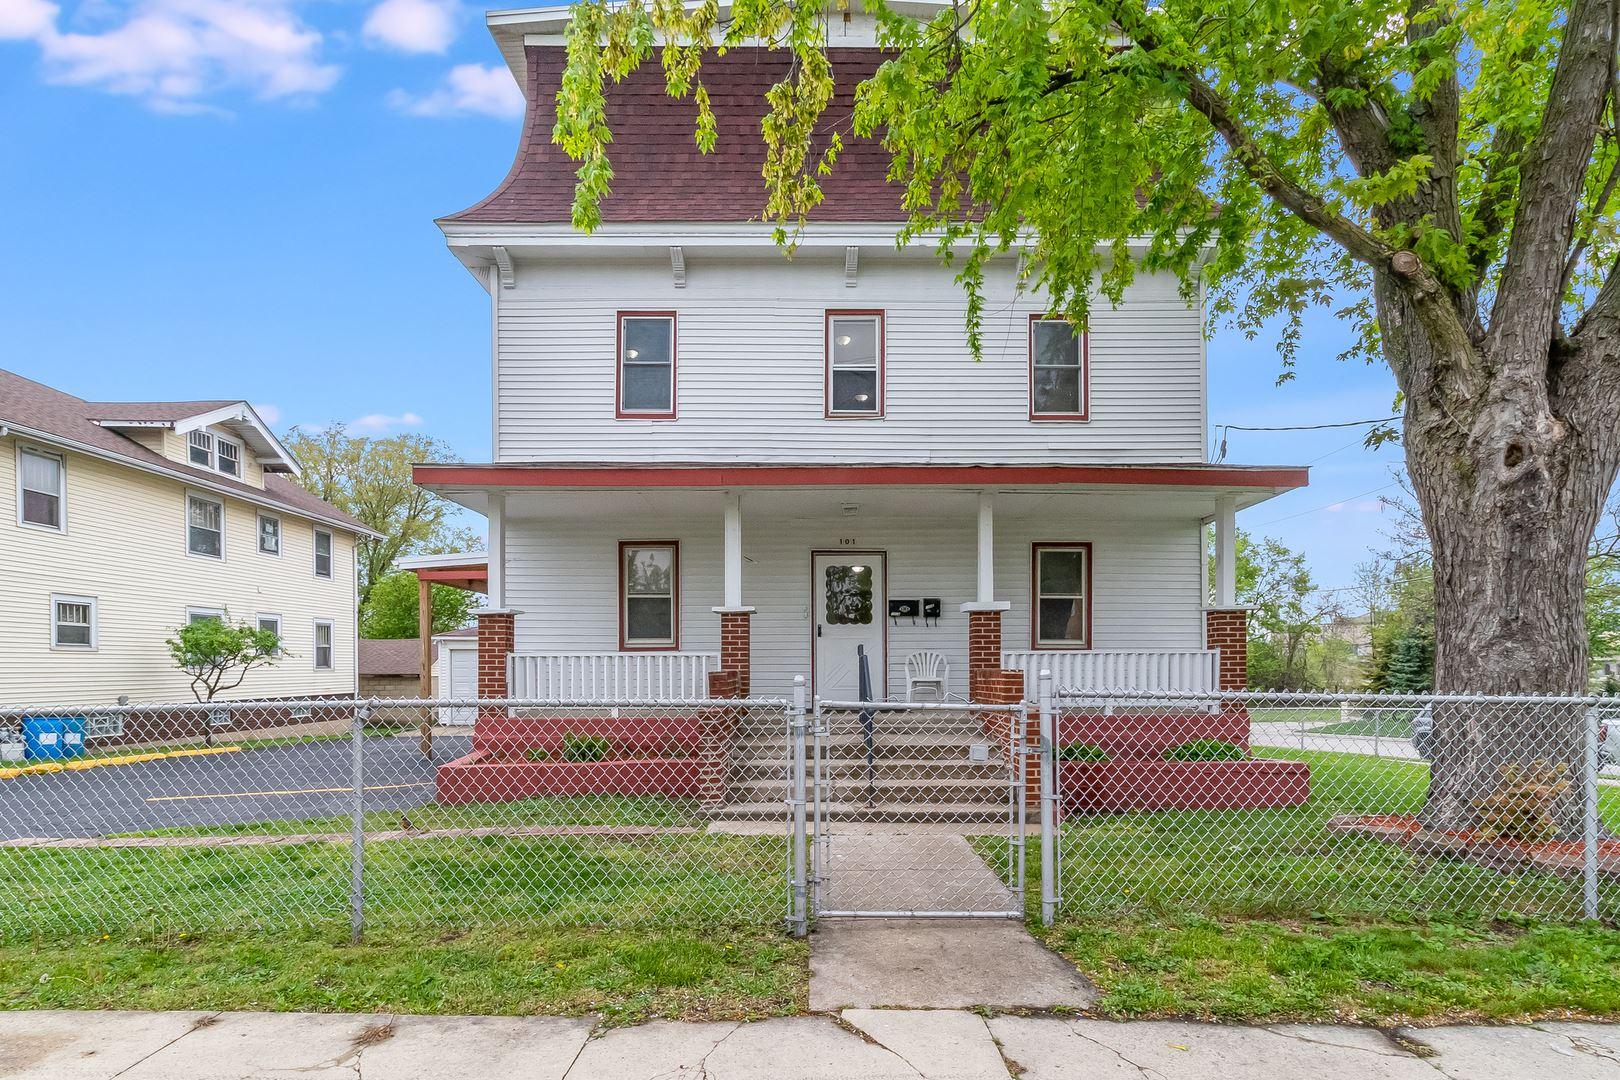 Photo of 101 S Eastern Avenue, Joliet, IL 60433 (MLS # 11077500)